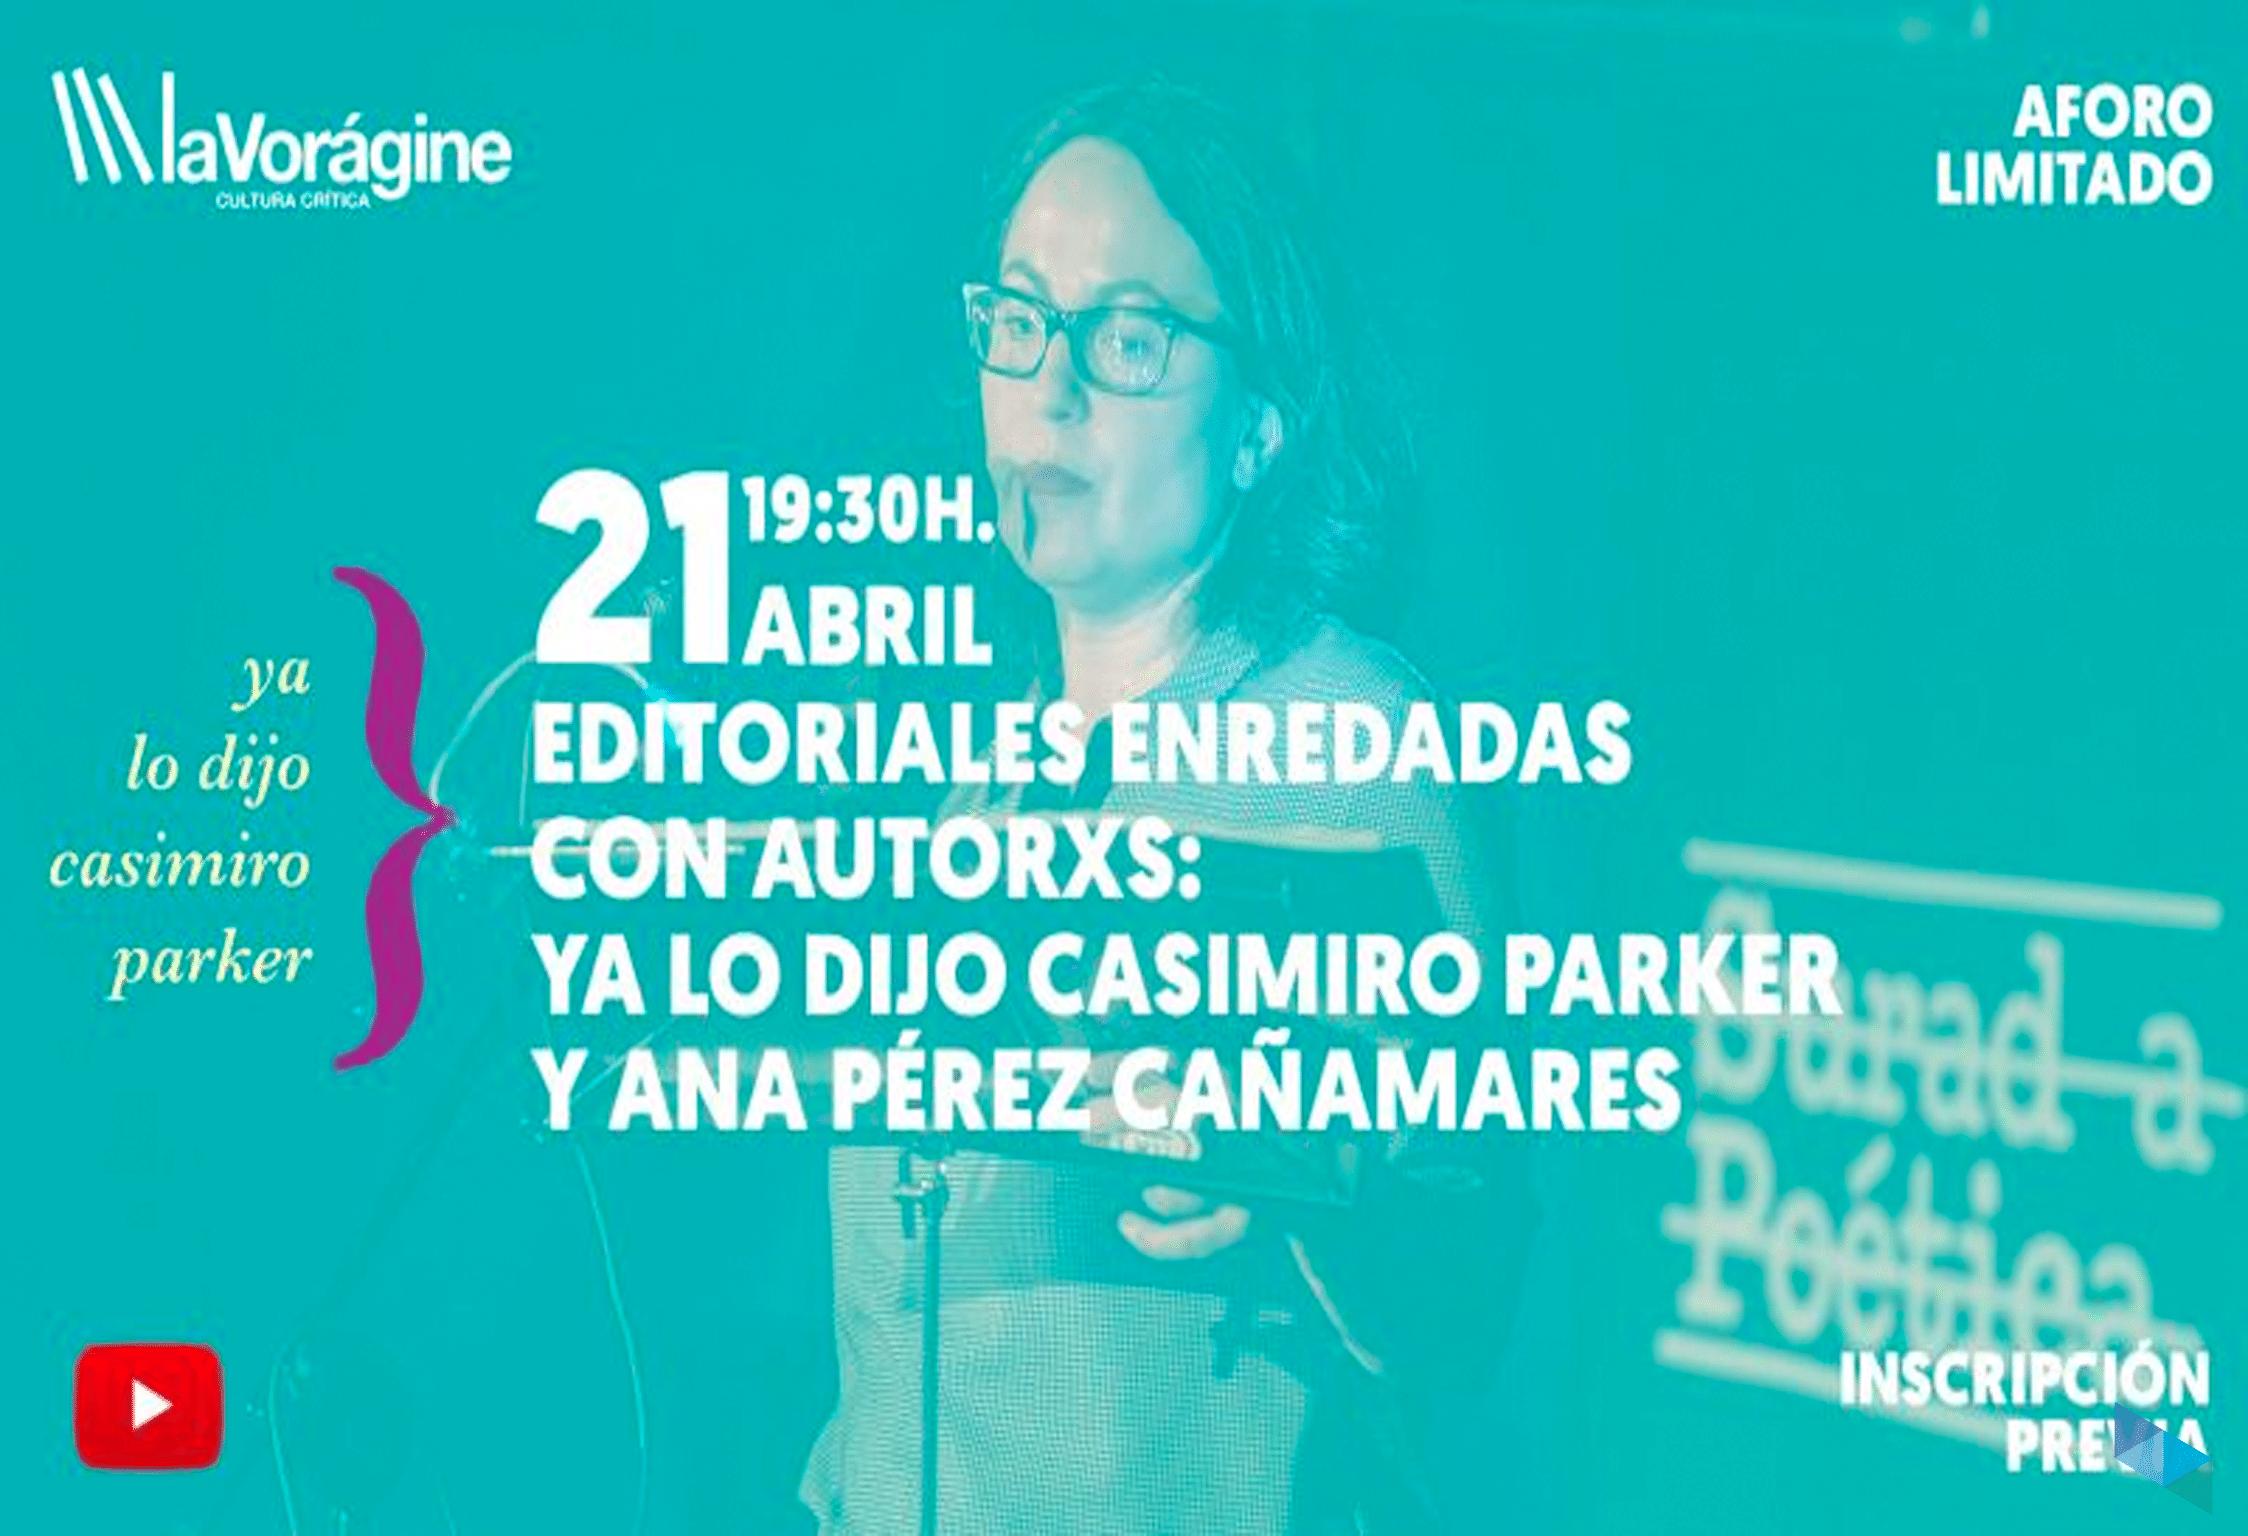 Editoriales enredadas con autores: Ya lo dijo Casimiro Parker y Ana Pérez Cañamares